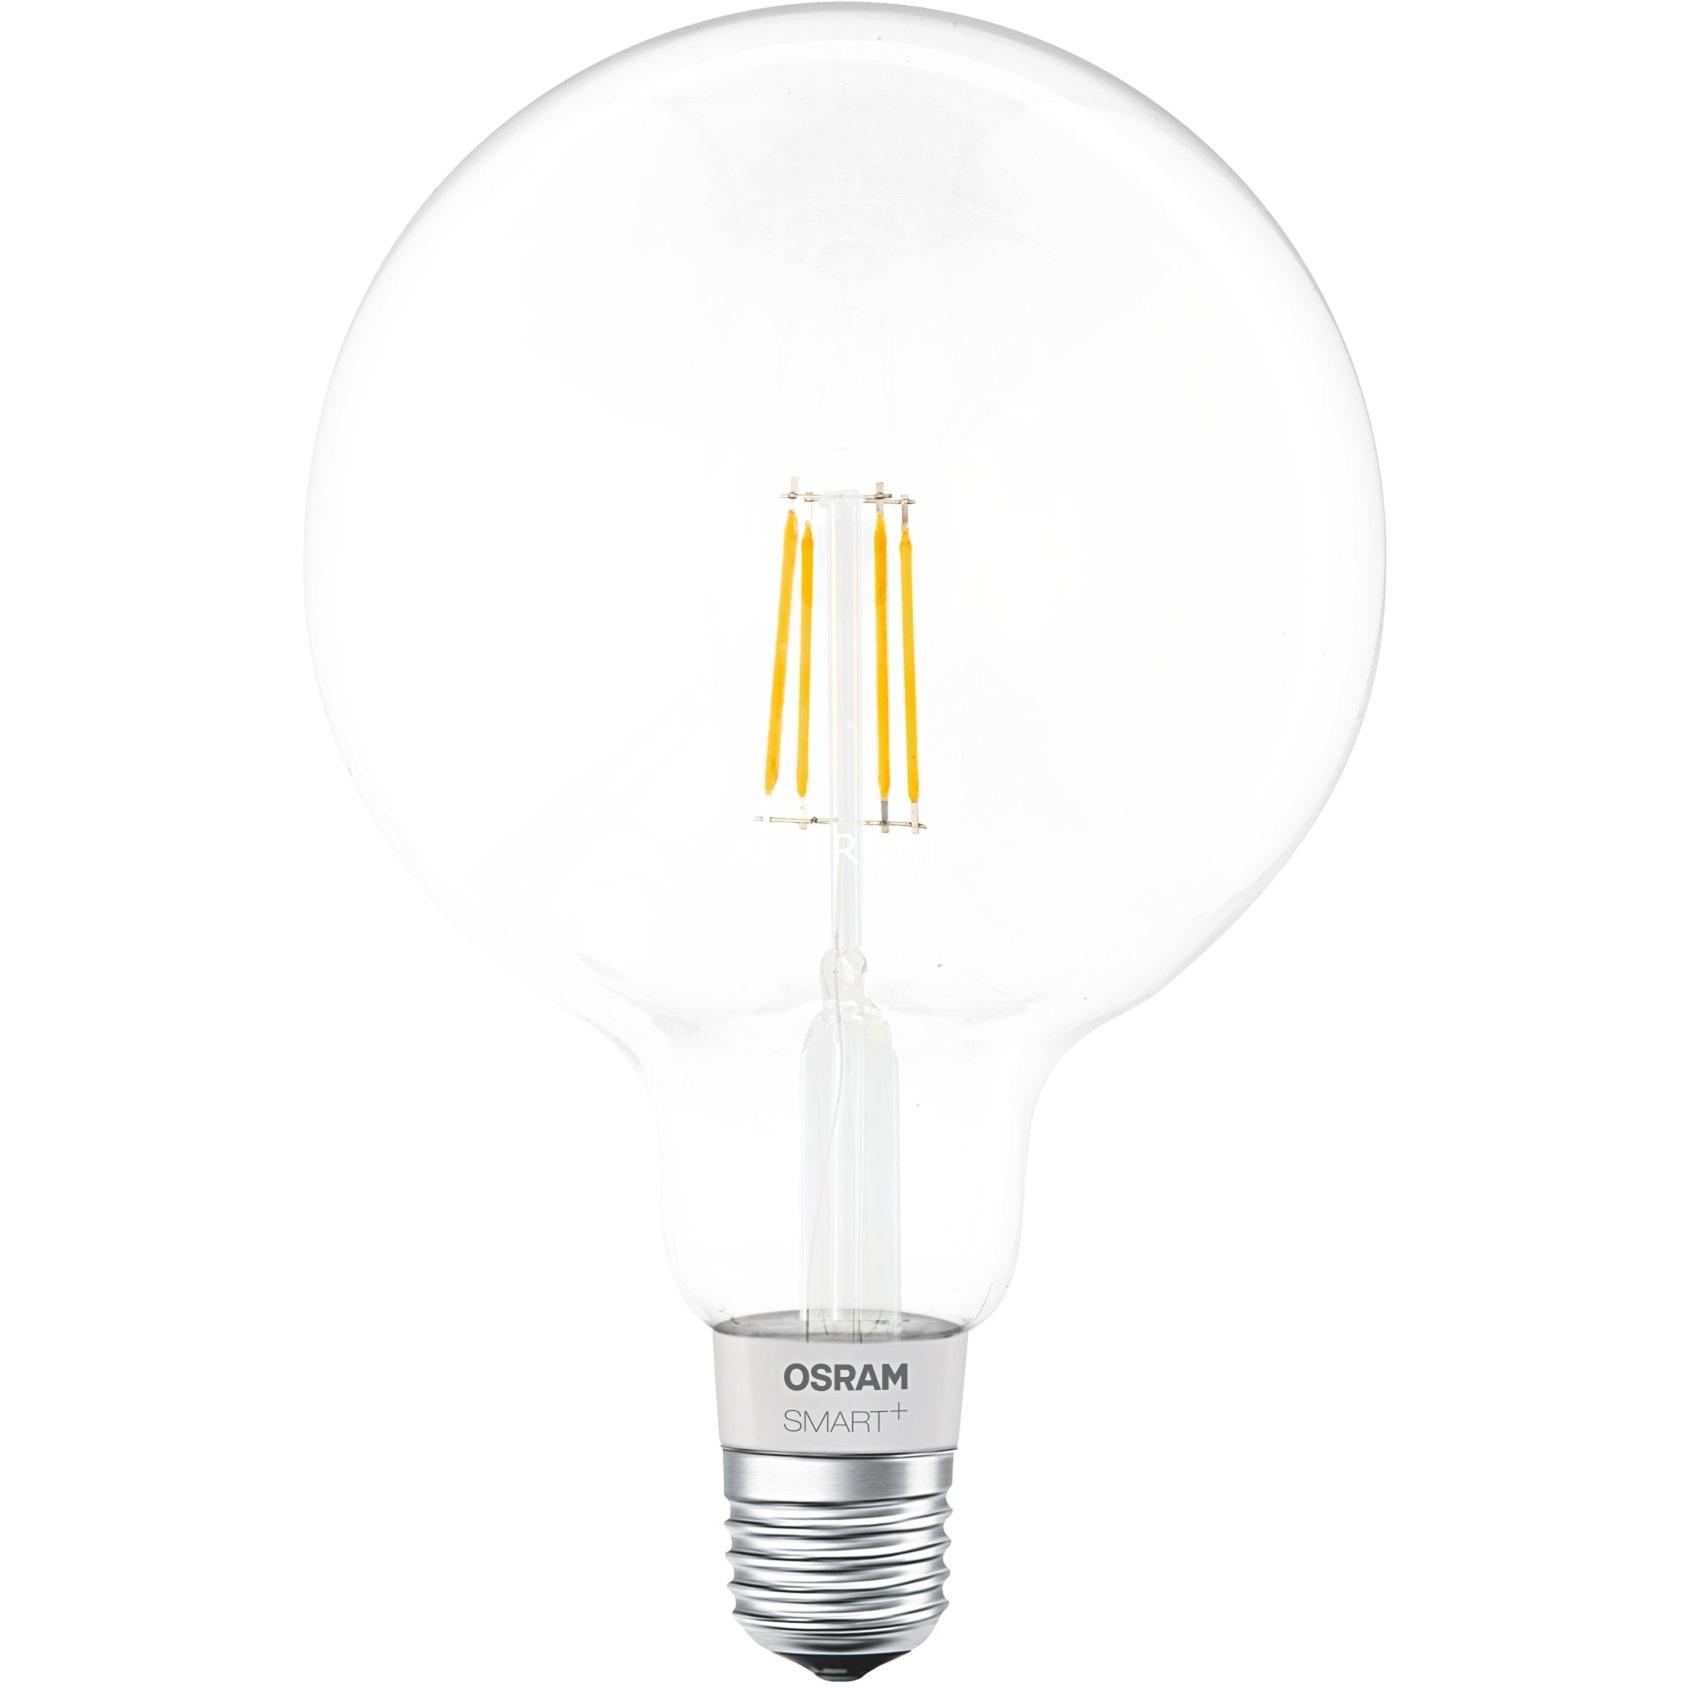 SMART+ Filament Globe lámpara LED Blanco cálido 5,5 W E27 A+